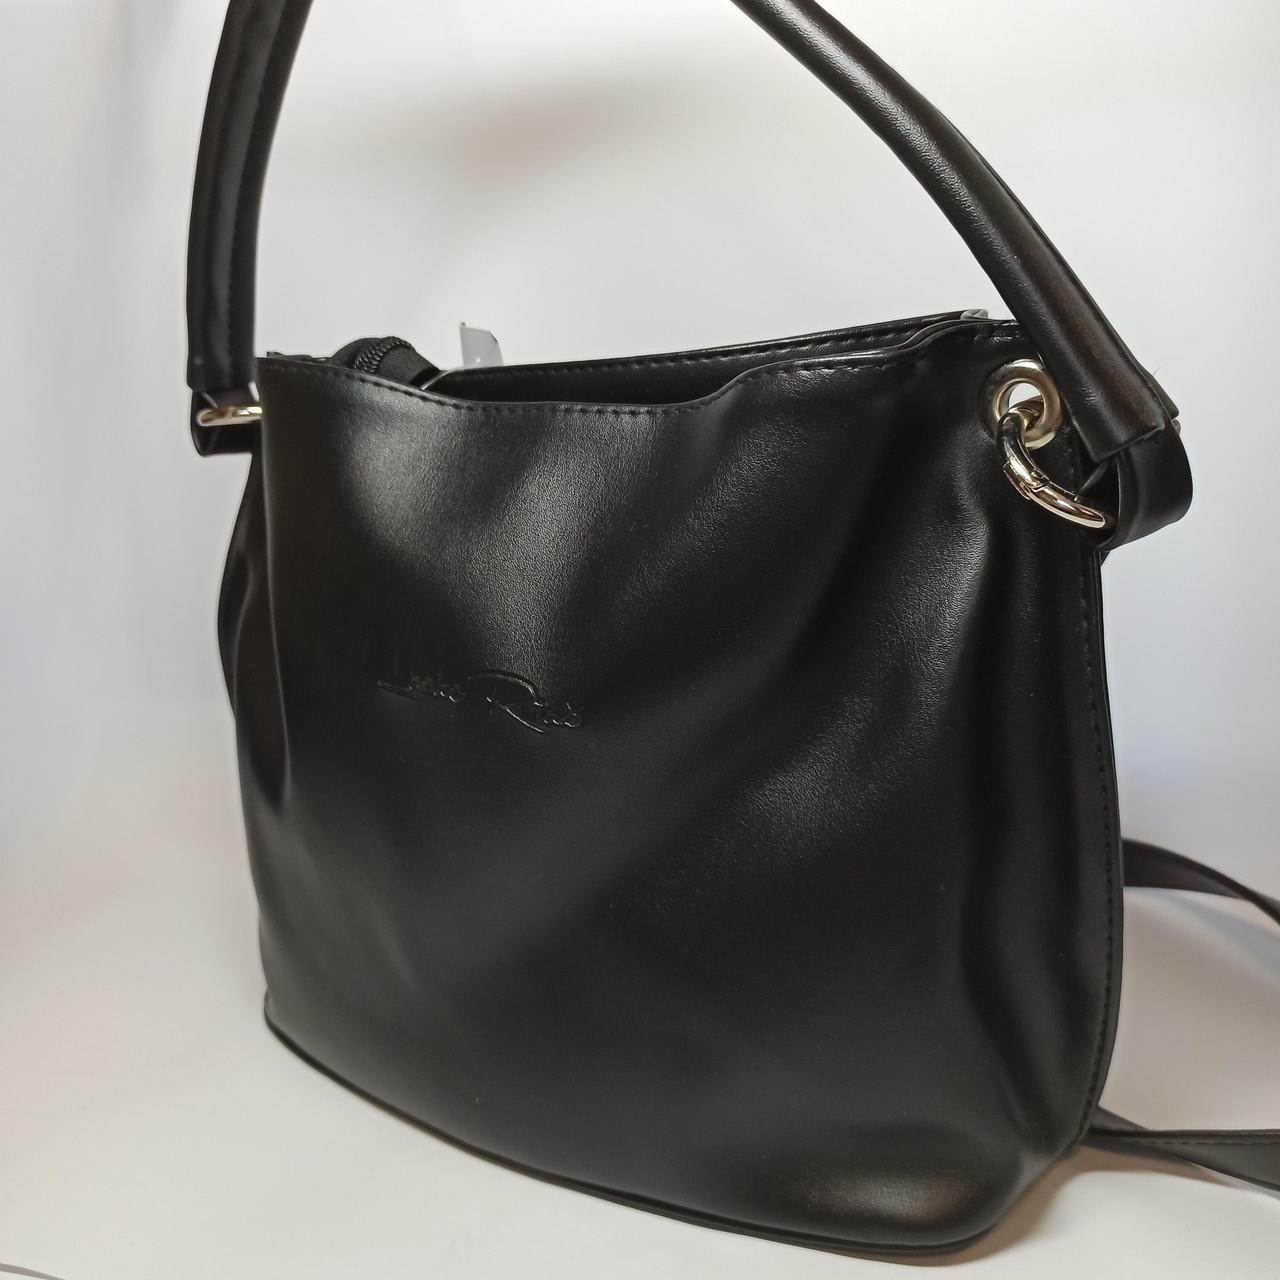 Жіноча сумка плншетка клатч / Женская сумка планшетка клатч